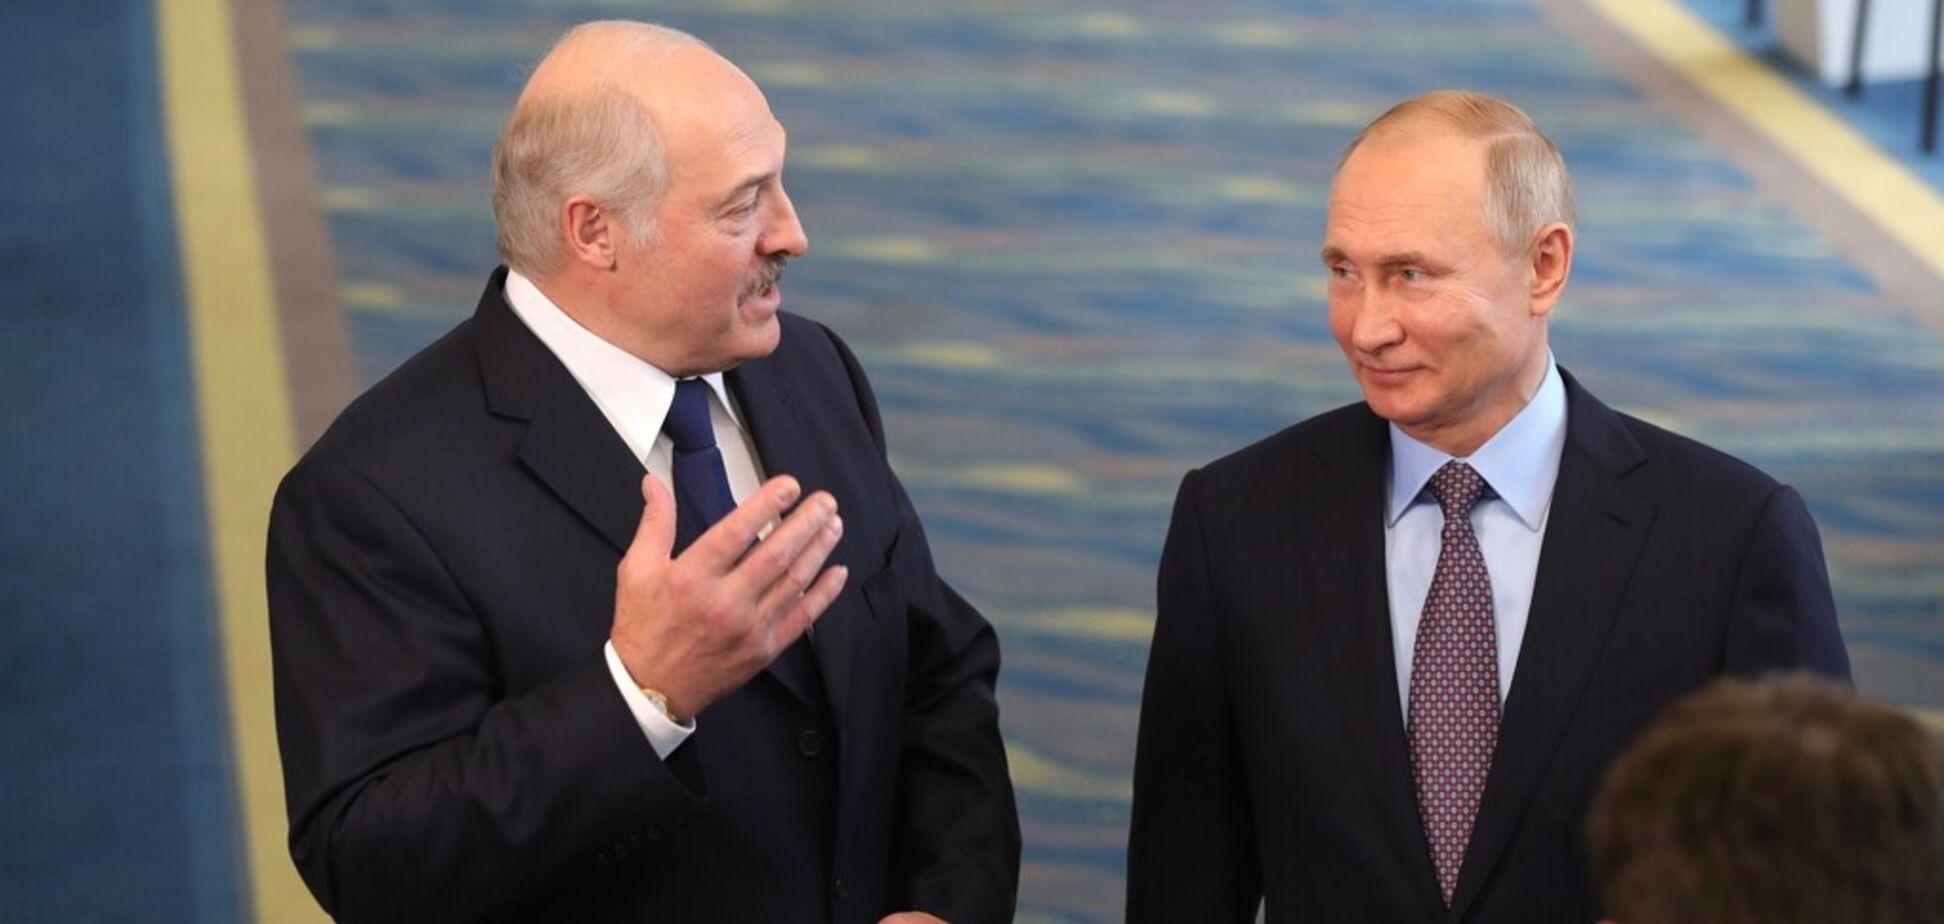 Обострение отношений Путина и Лукашенко: чего ждать